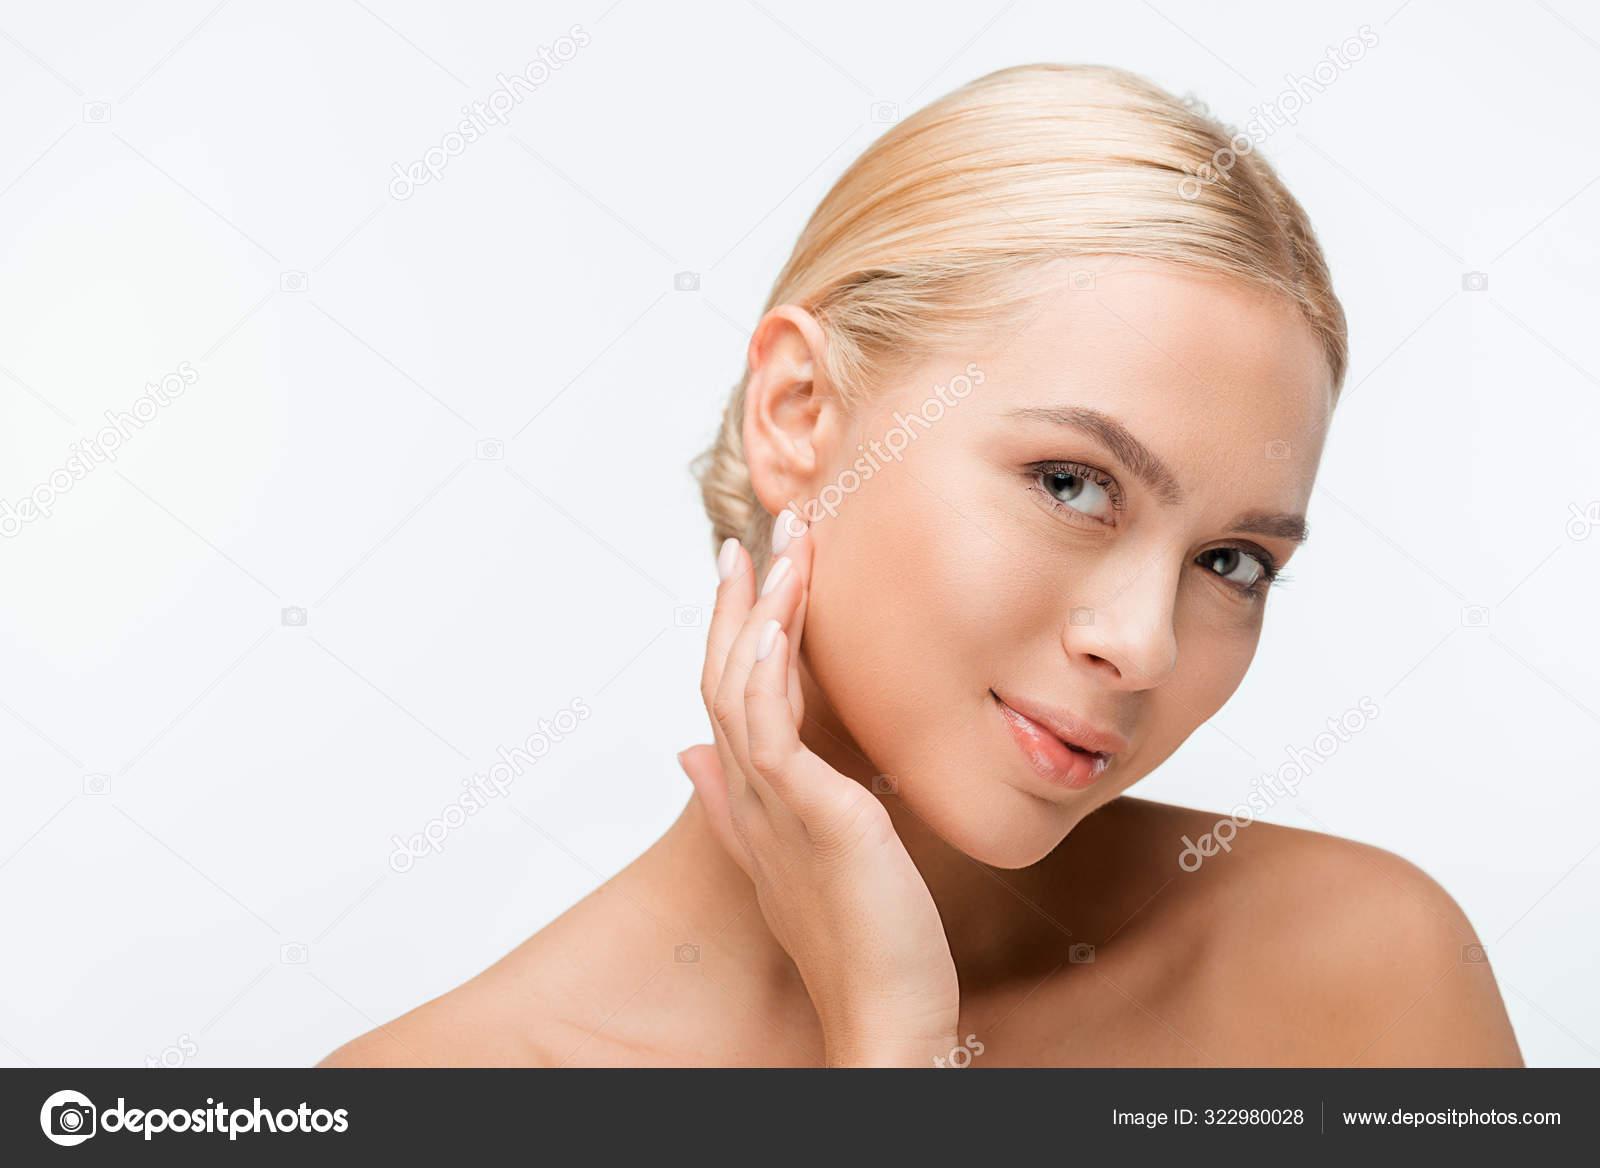 Ziemlich Nackte Frau Berühren Gesicht Und Blick Auf Kamera